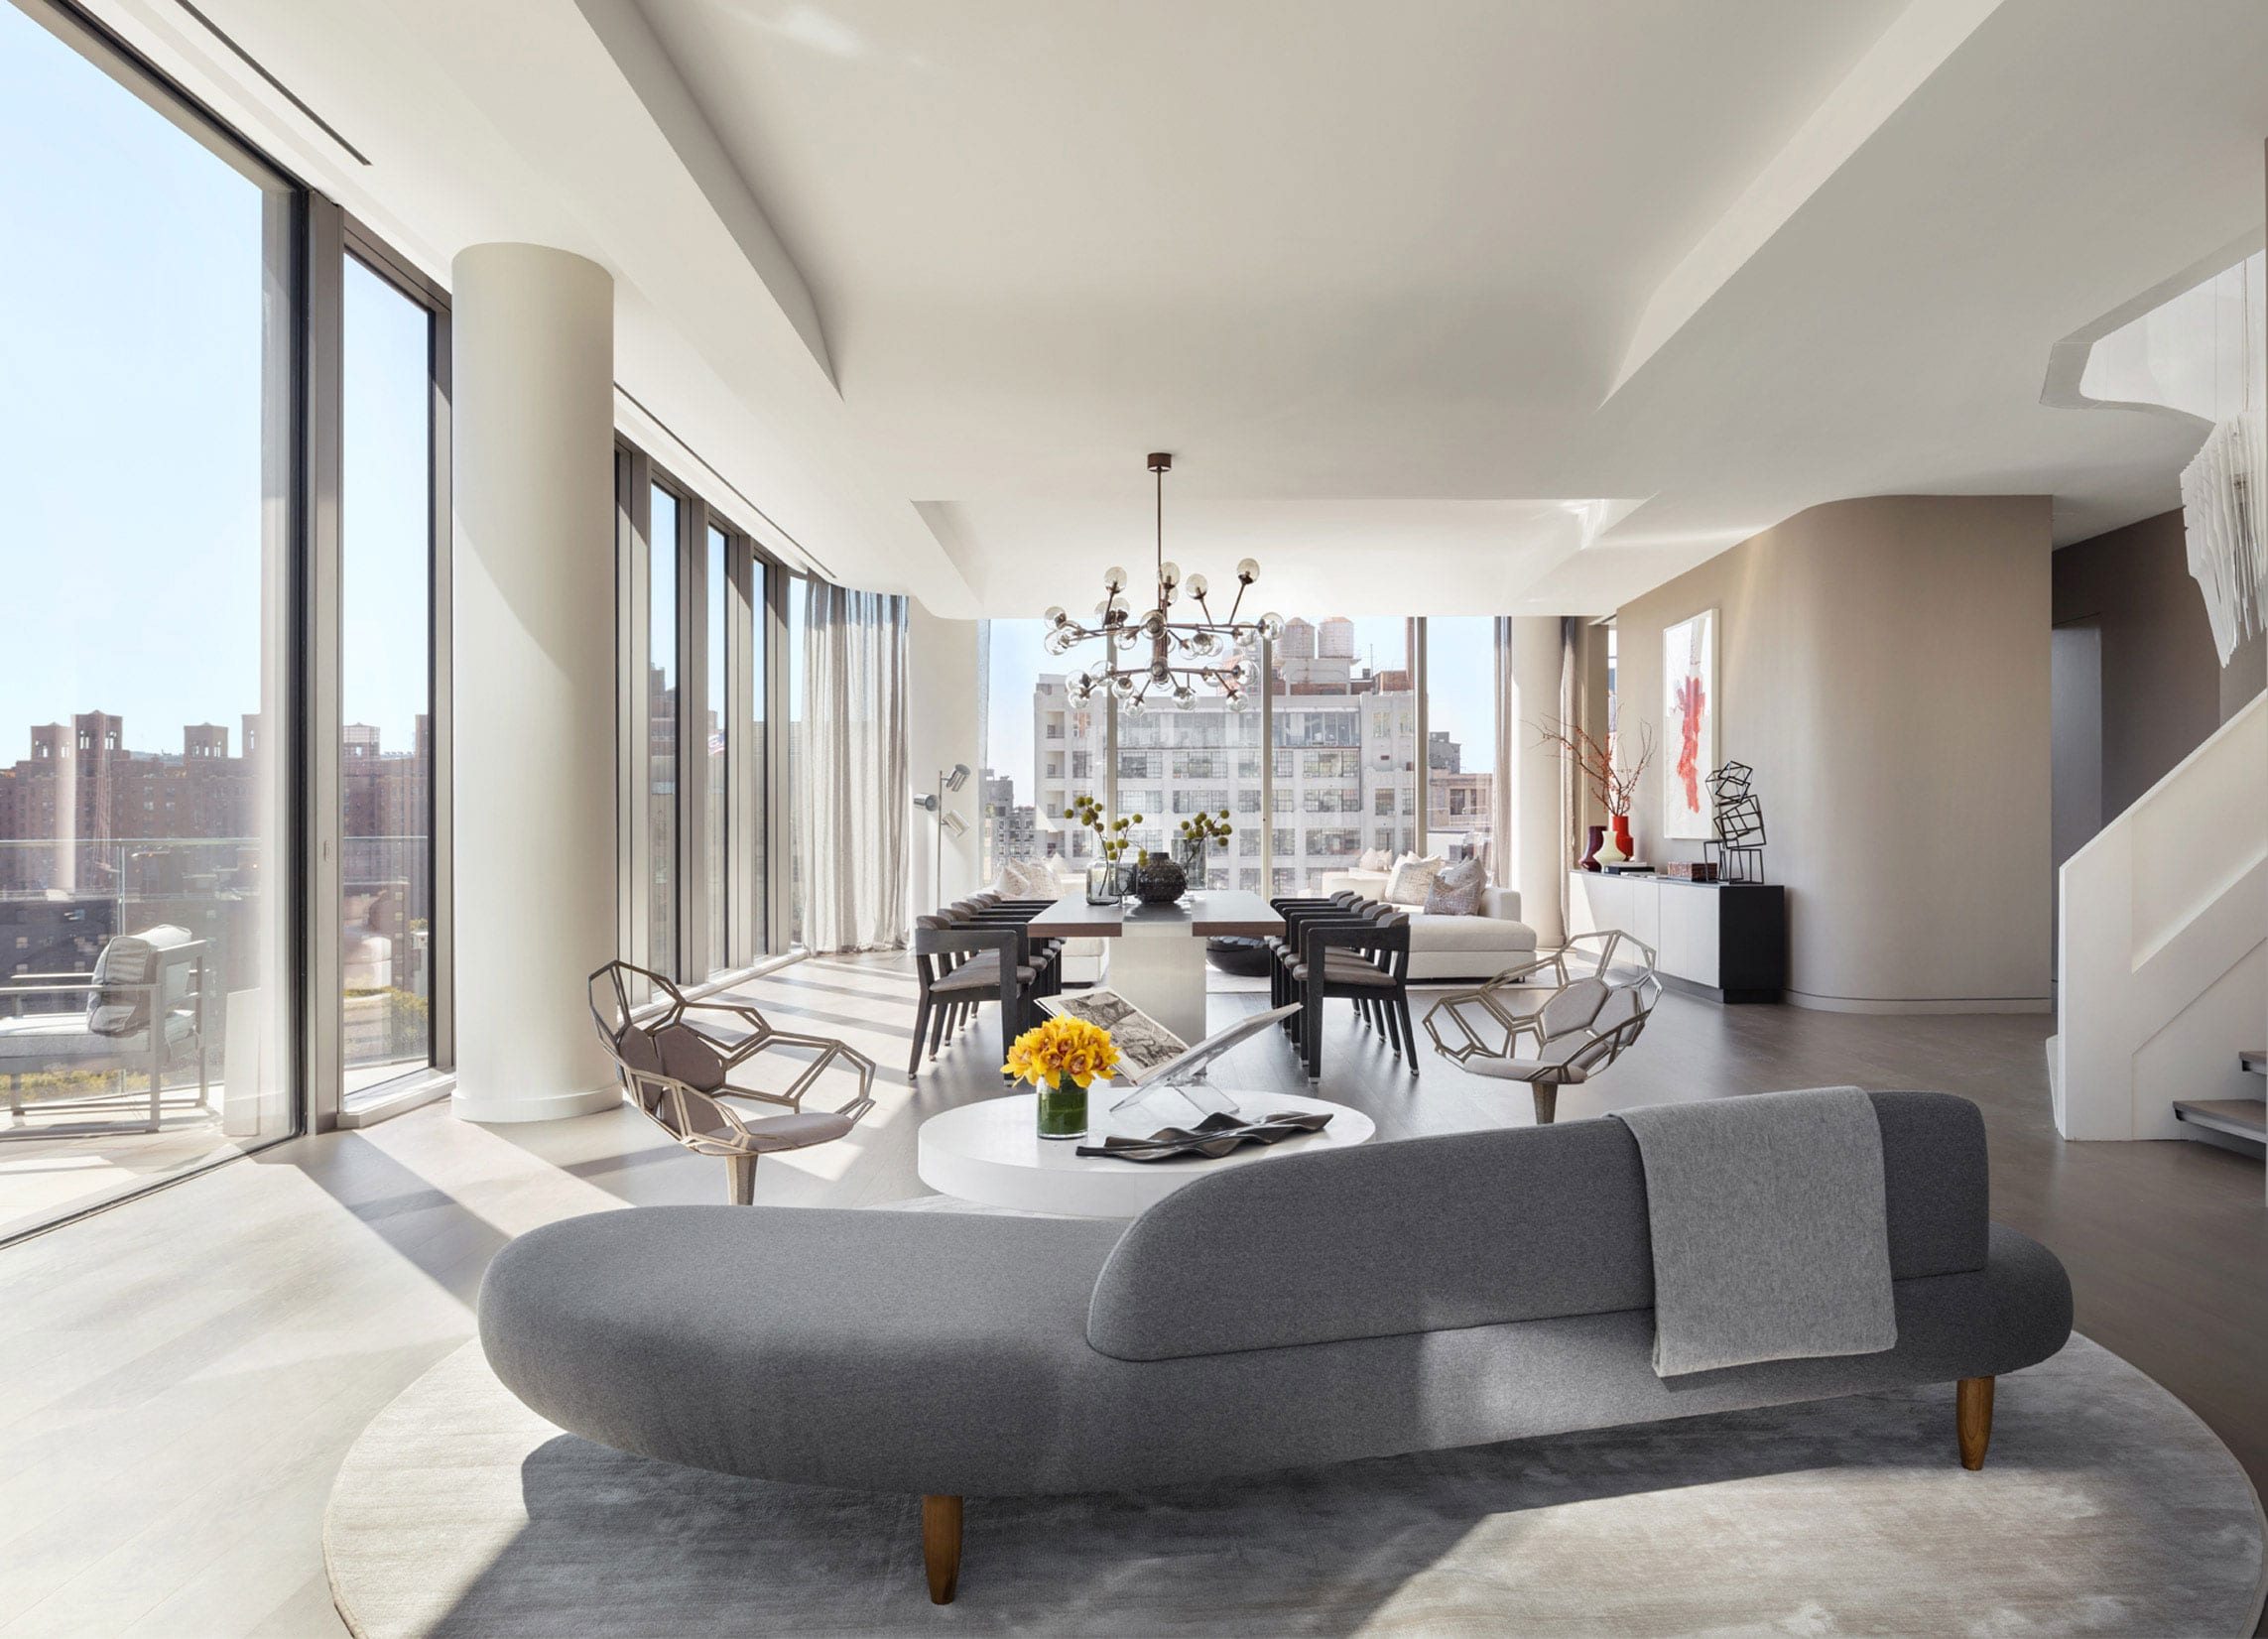 stilvolles wohnesszimmer mit bodentiefen fenstern, designer polstersofa mit rundem kaffeetisch und modernen stühlen, esstisch für 12 personen und zurückhaltender farbgestaltung in beige, weiß und holz